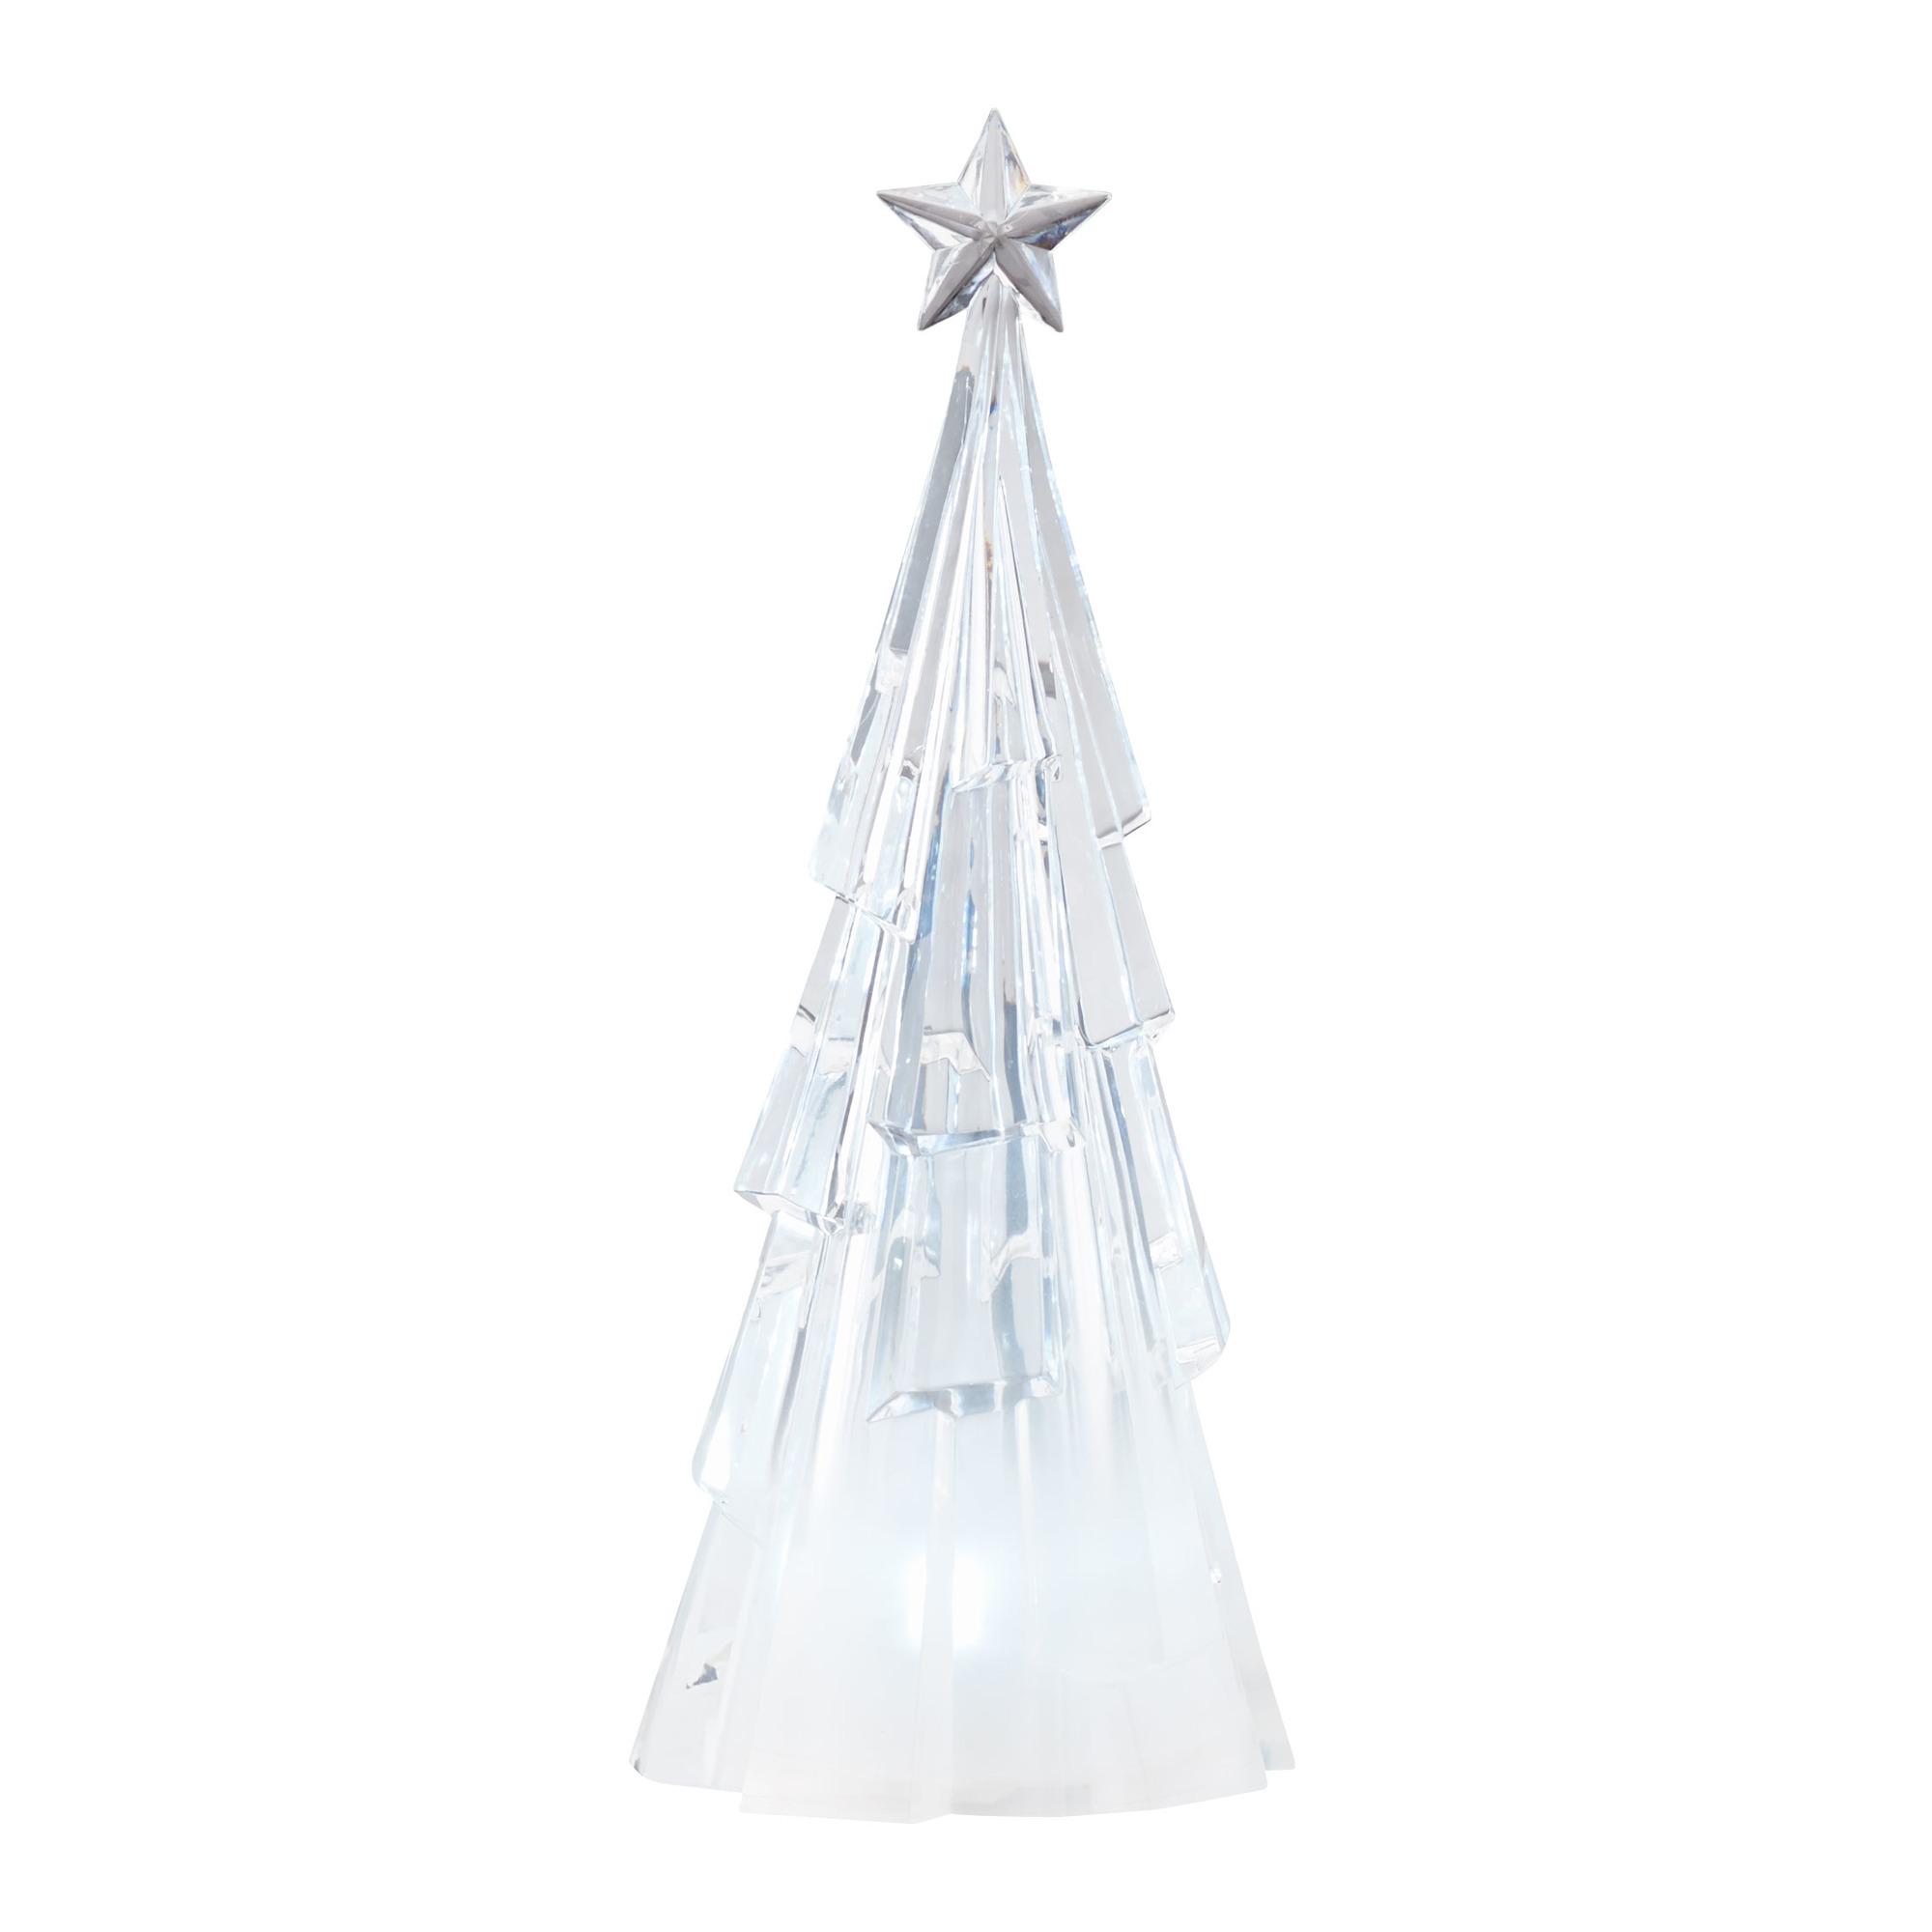 Small Acrylic Star Tree